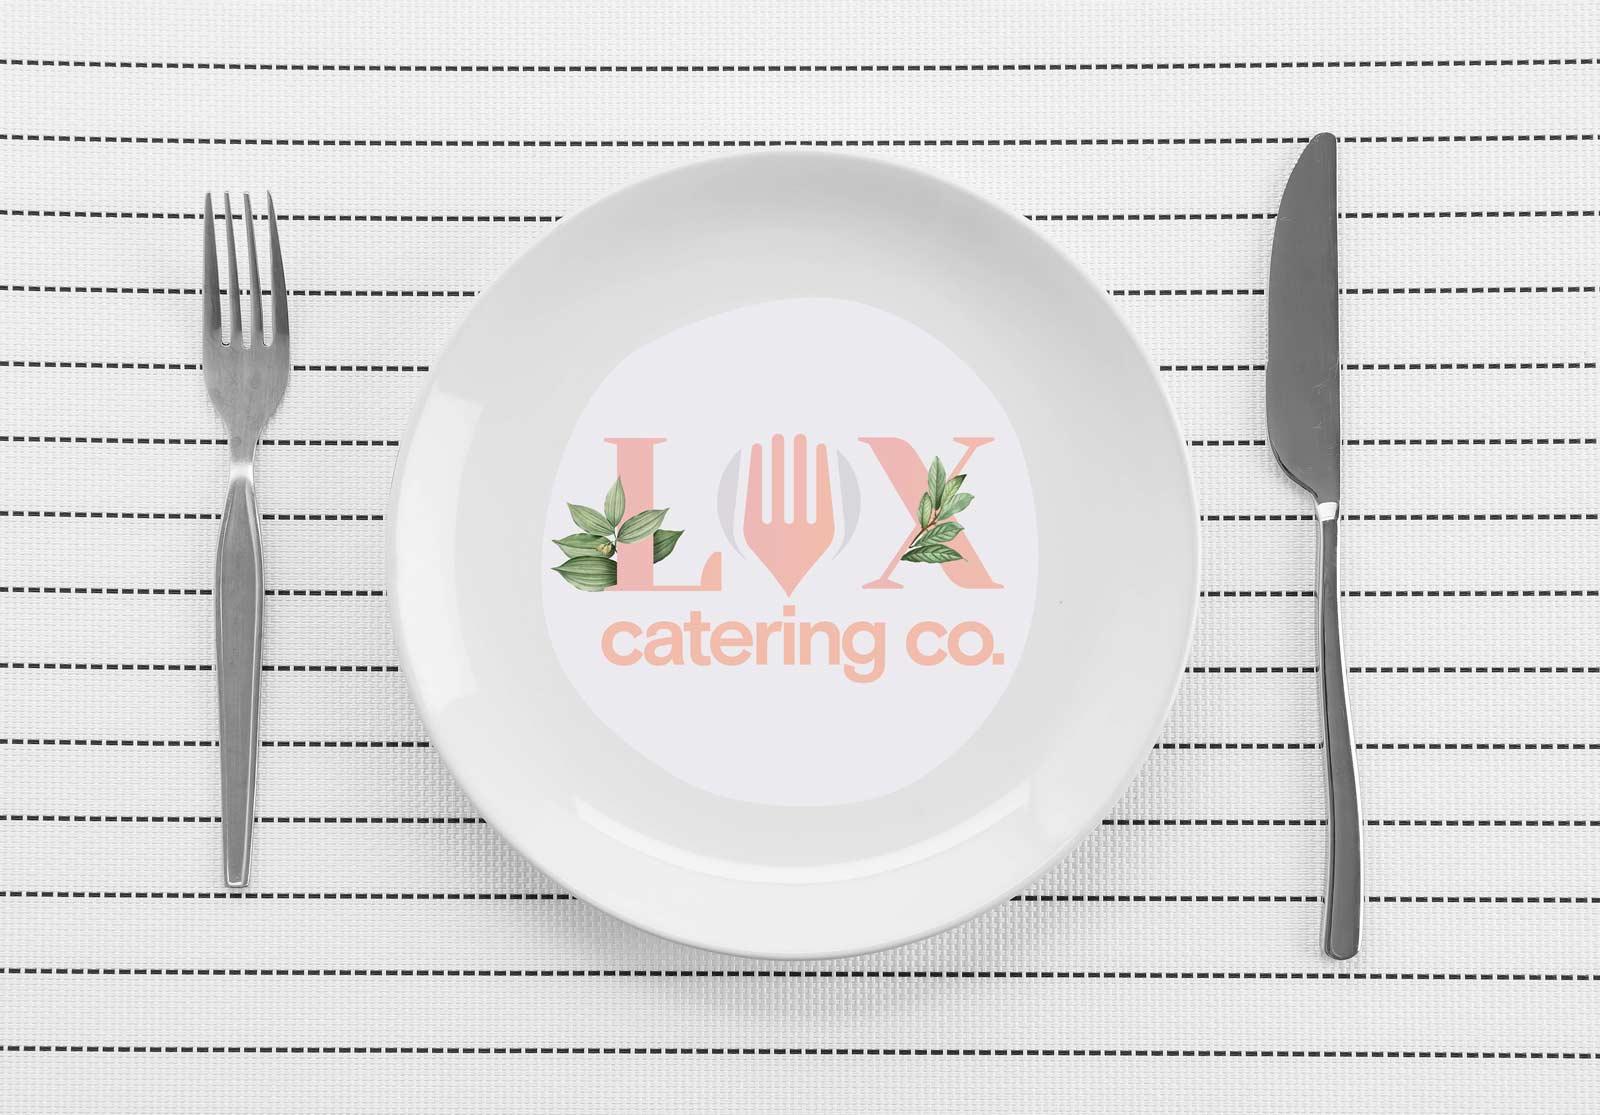 tucson catering